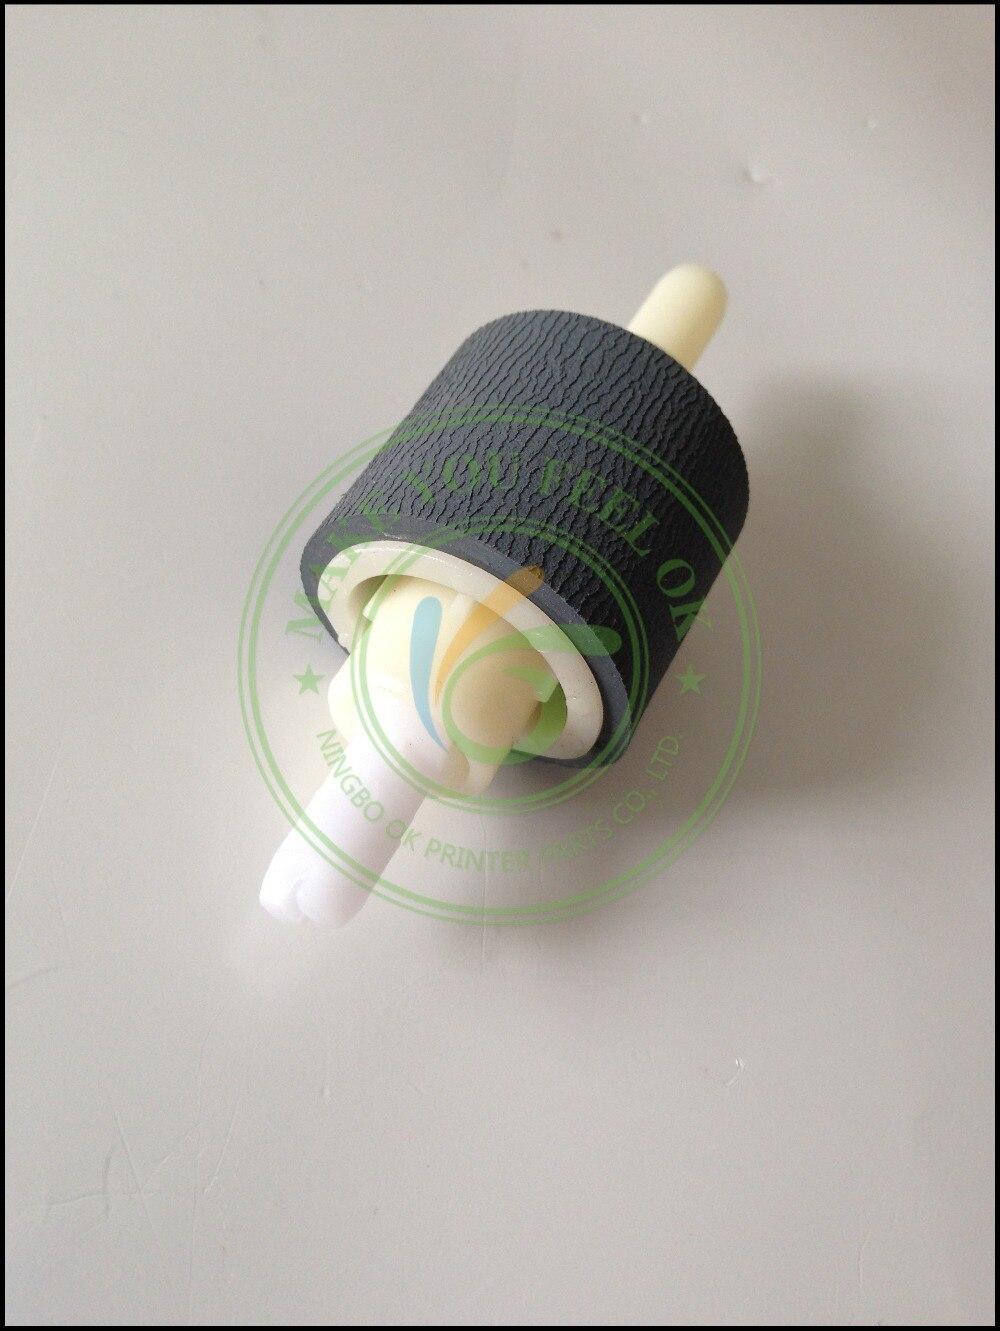 10 шт. X RM1-9168-000 RM1-6467-000 RM1-6414-000 ролик для hp P2035 P2055 Pro 400 M401 M425 для Canon LBP3470 LBP3480 MF414